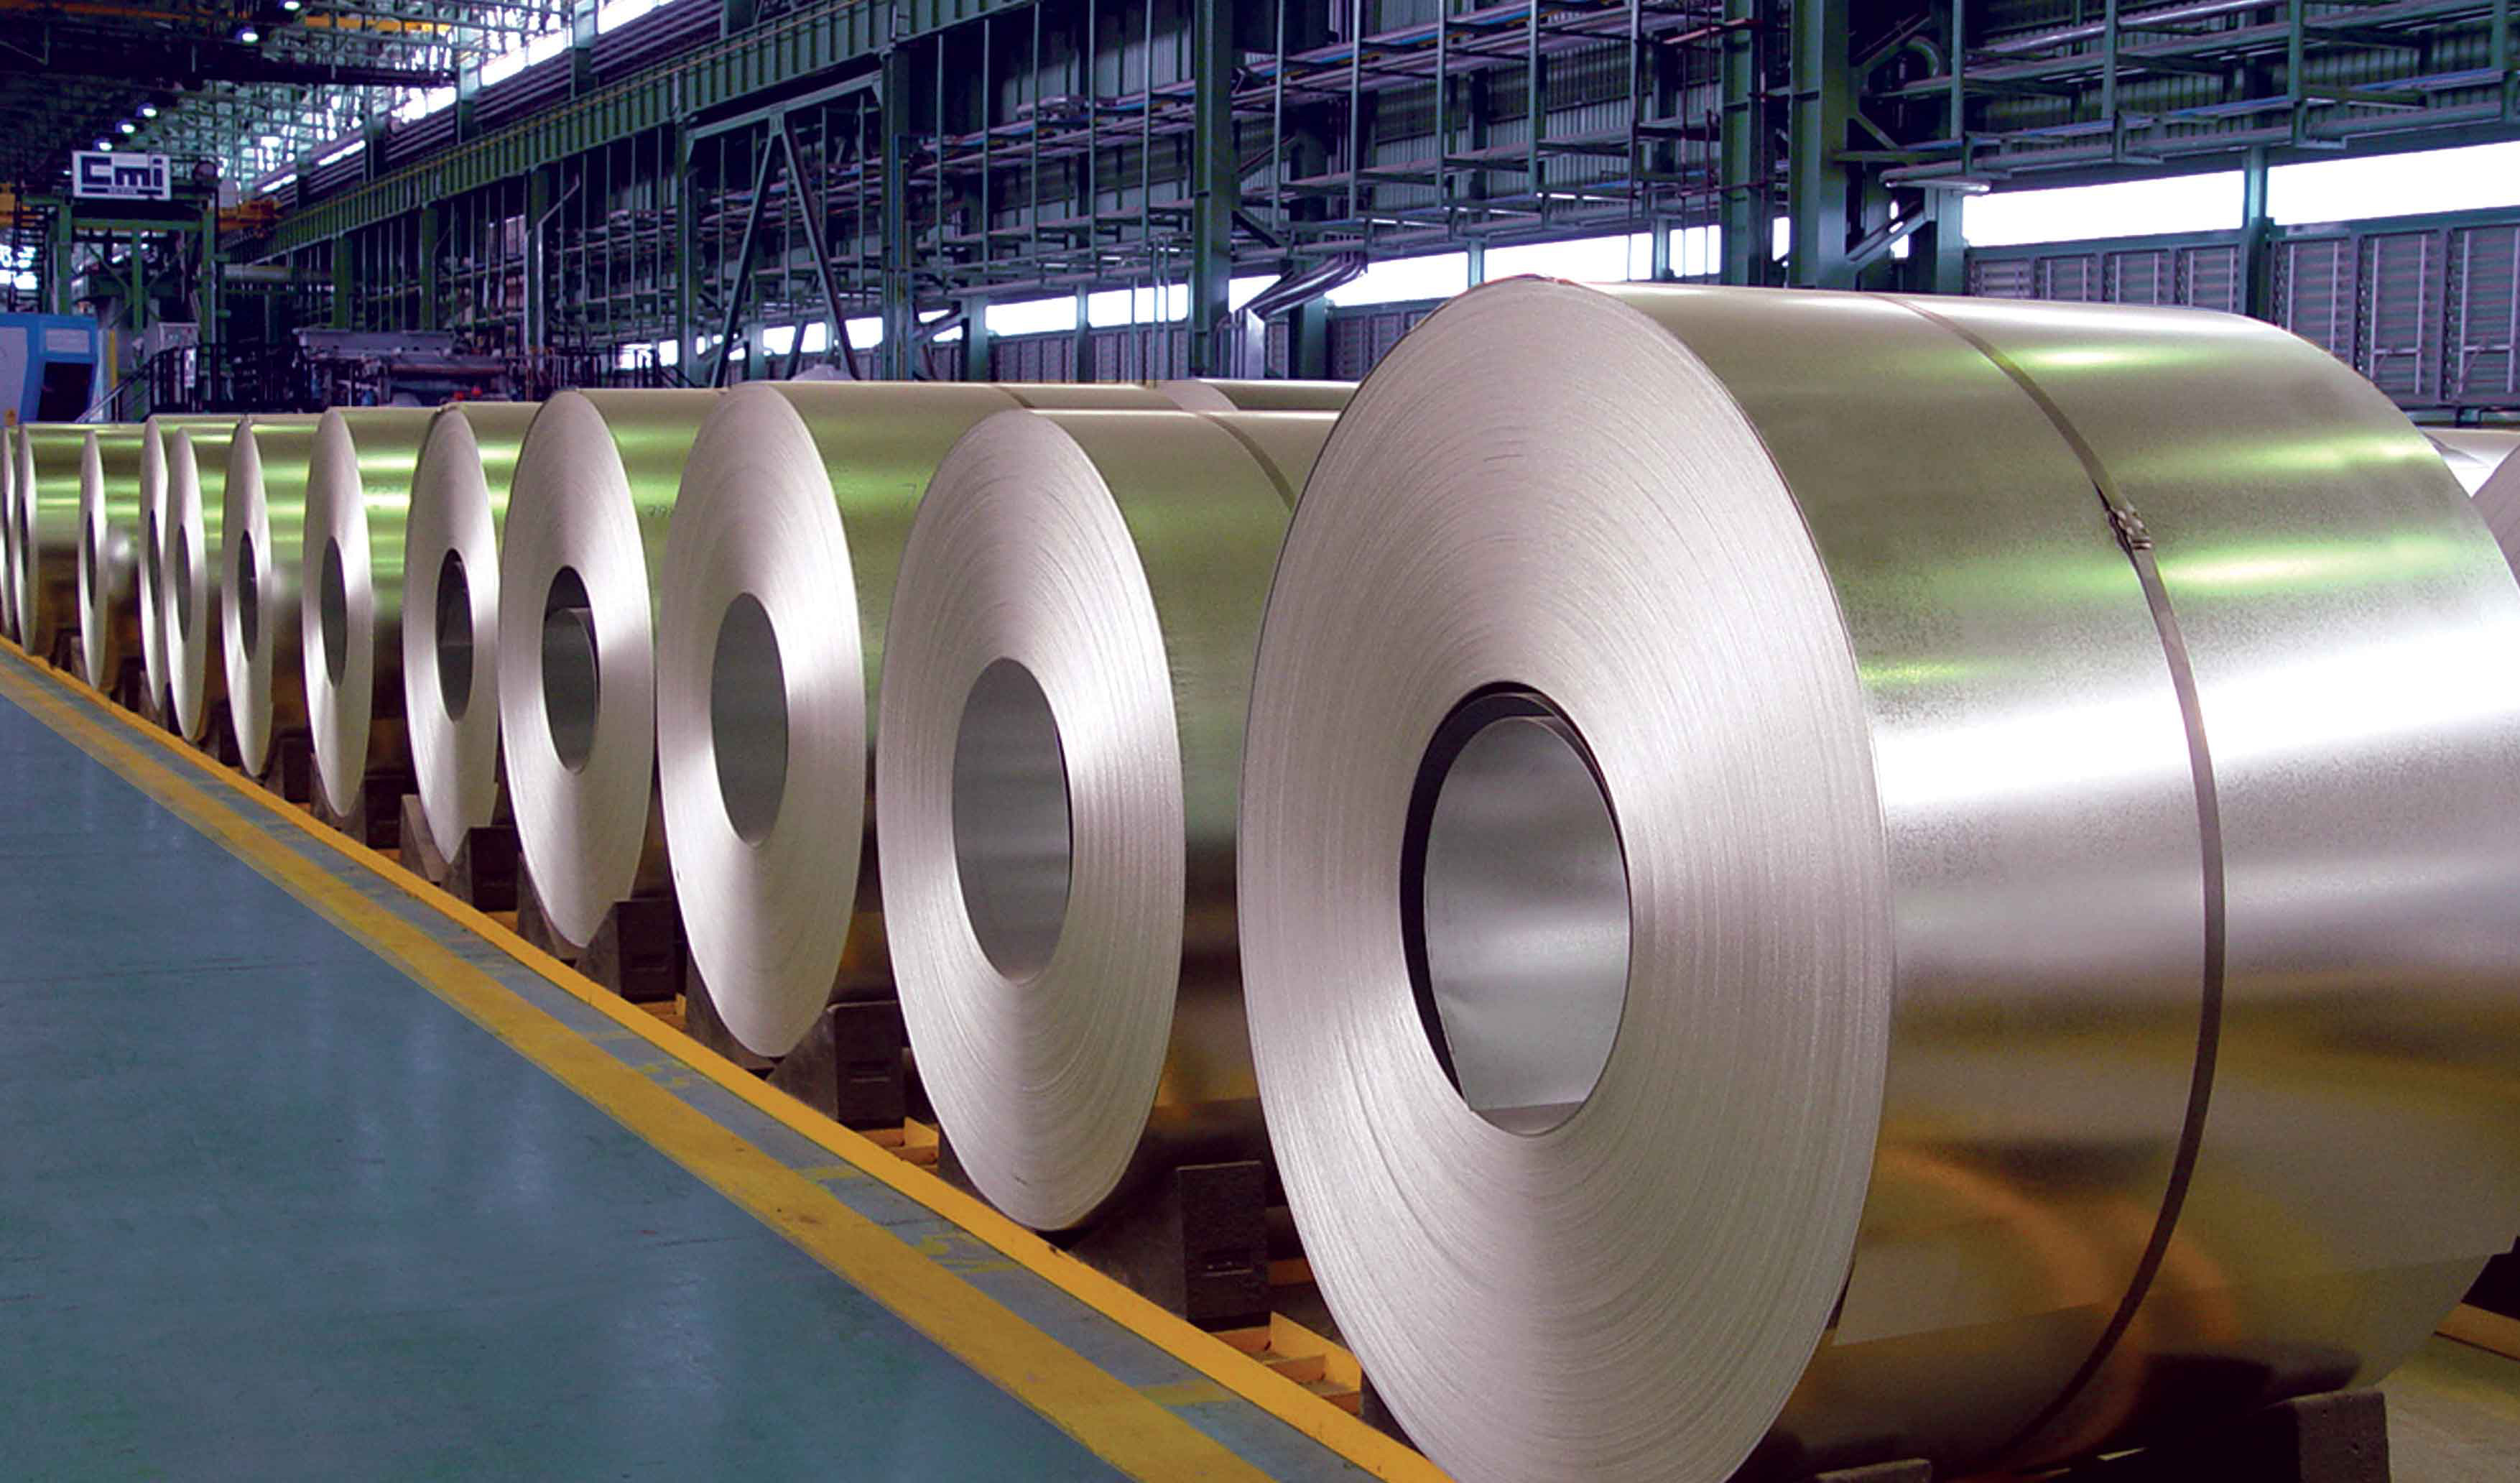 برنامه جدی مجلس و دولت برای عرضه کامل فولاد در بورس کالا